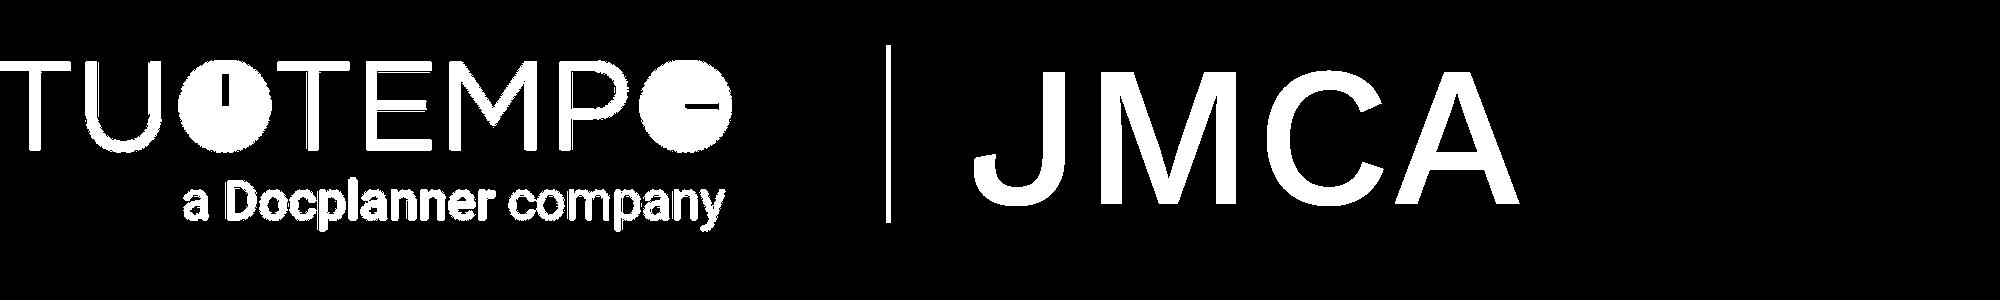 Header LP Logos - Parceiros TuoTempo jmca